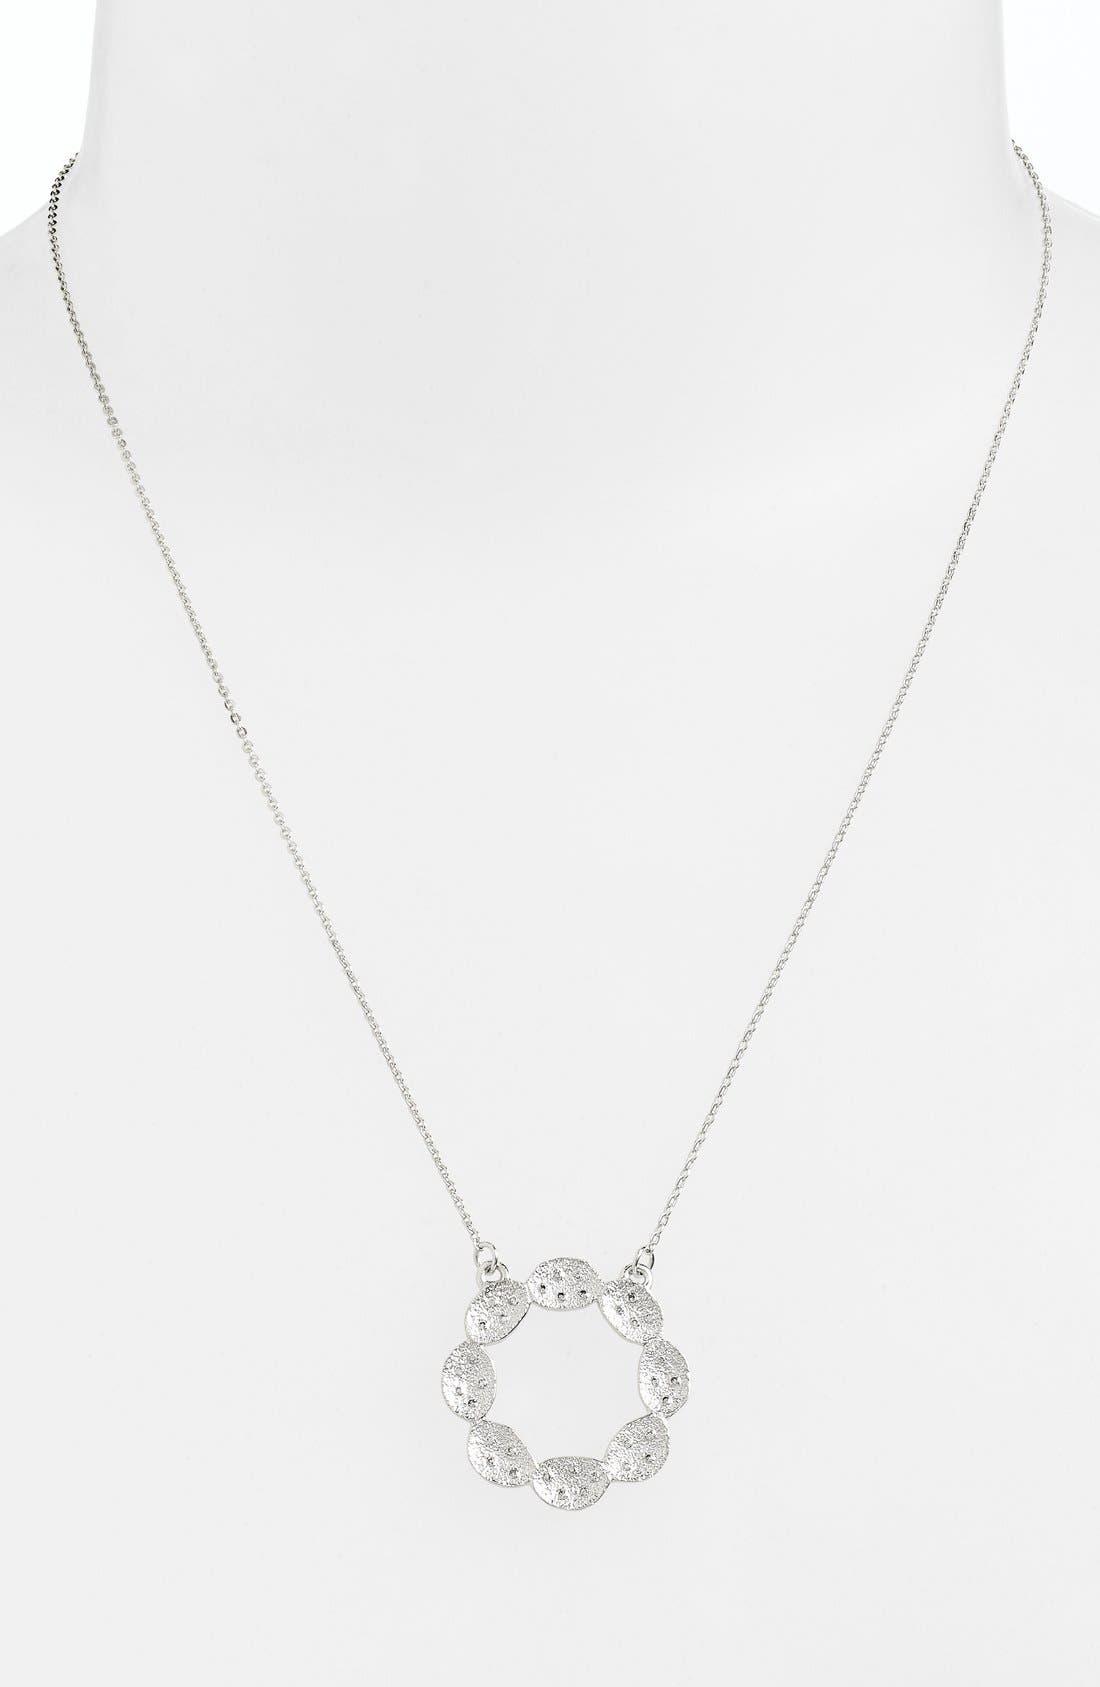 Alternate Image 1 Selected - Melinda Maria 'Ashley' Pod Pendant Necklace